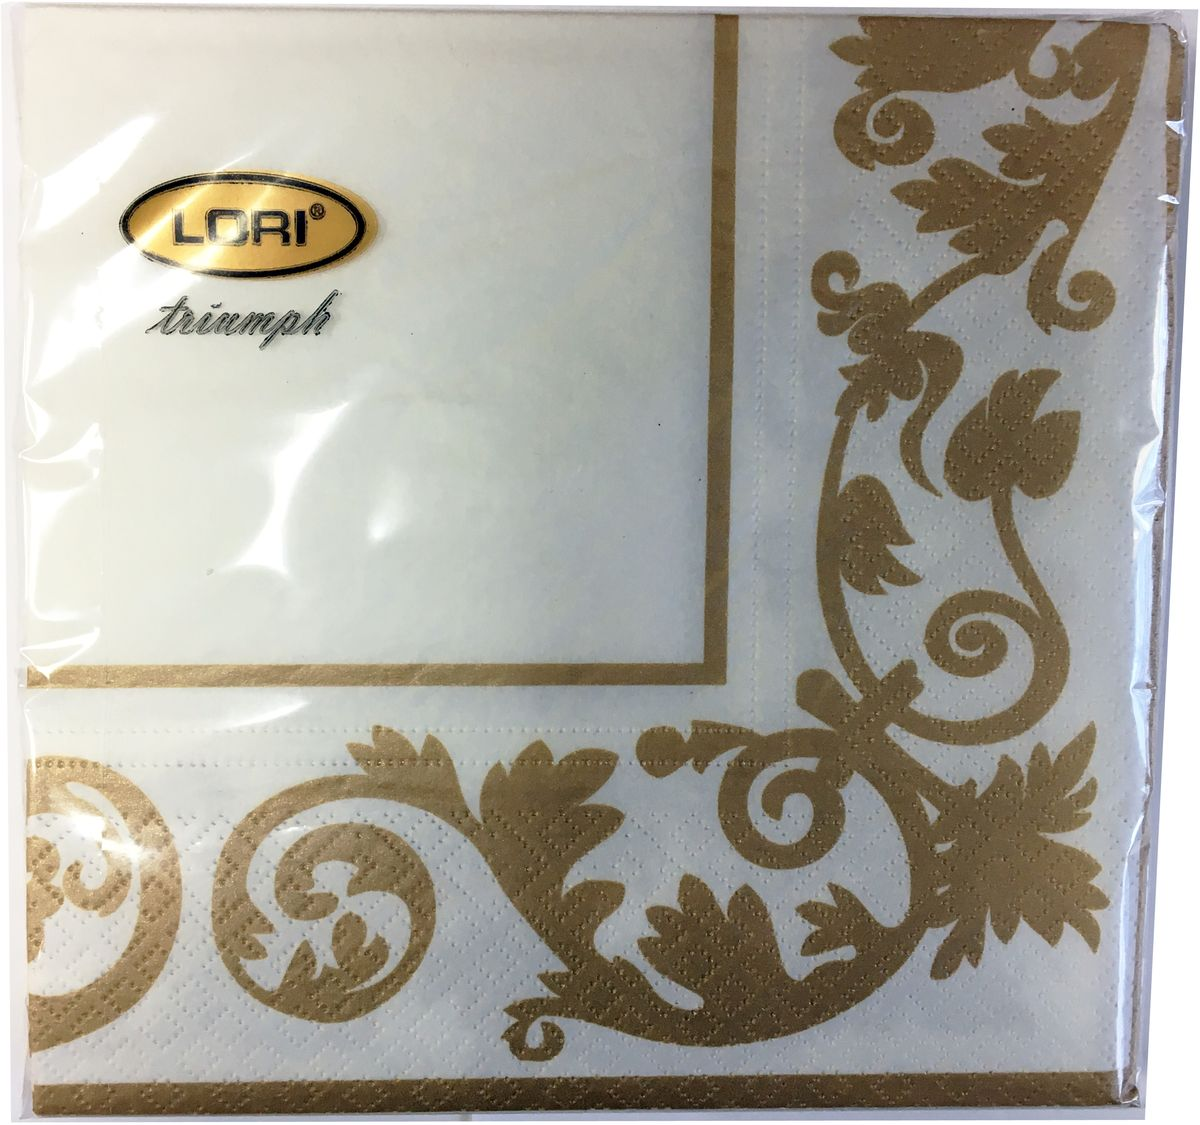 Салфетки бумажные Lori Triumph, трехслойные, цвет: коричневый, белый, 33 х 33 см, 20 шт. 560539103500790Декоративные трехслойные салфетки Lori Triumph выполнены из 100% целлюлозы и оформлены ярким рисунком. Изделия станут отличным дополнением любого праздничного стола. Они отличаются необычной мягкостью, прочностью и оригинальностью.Размер салфеток в развернутом виде: 33 х 33 см.